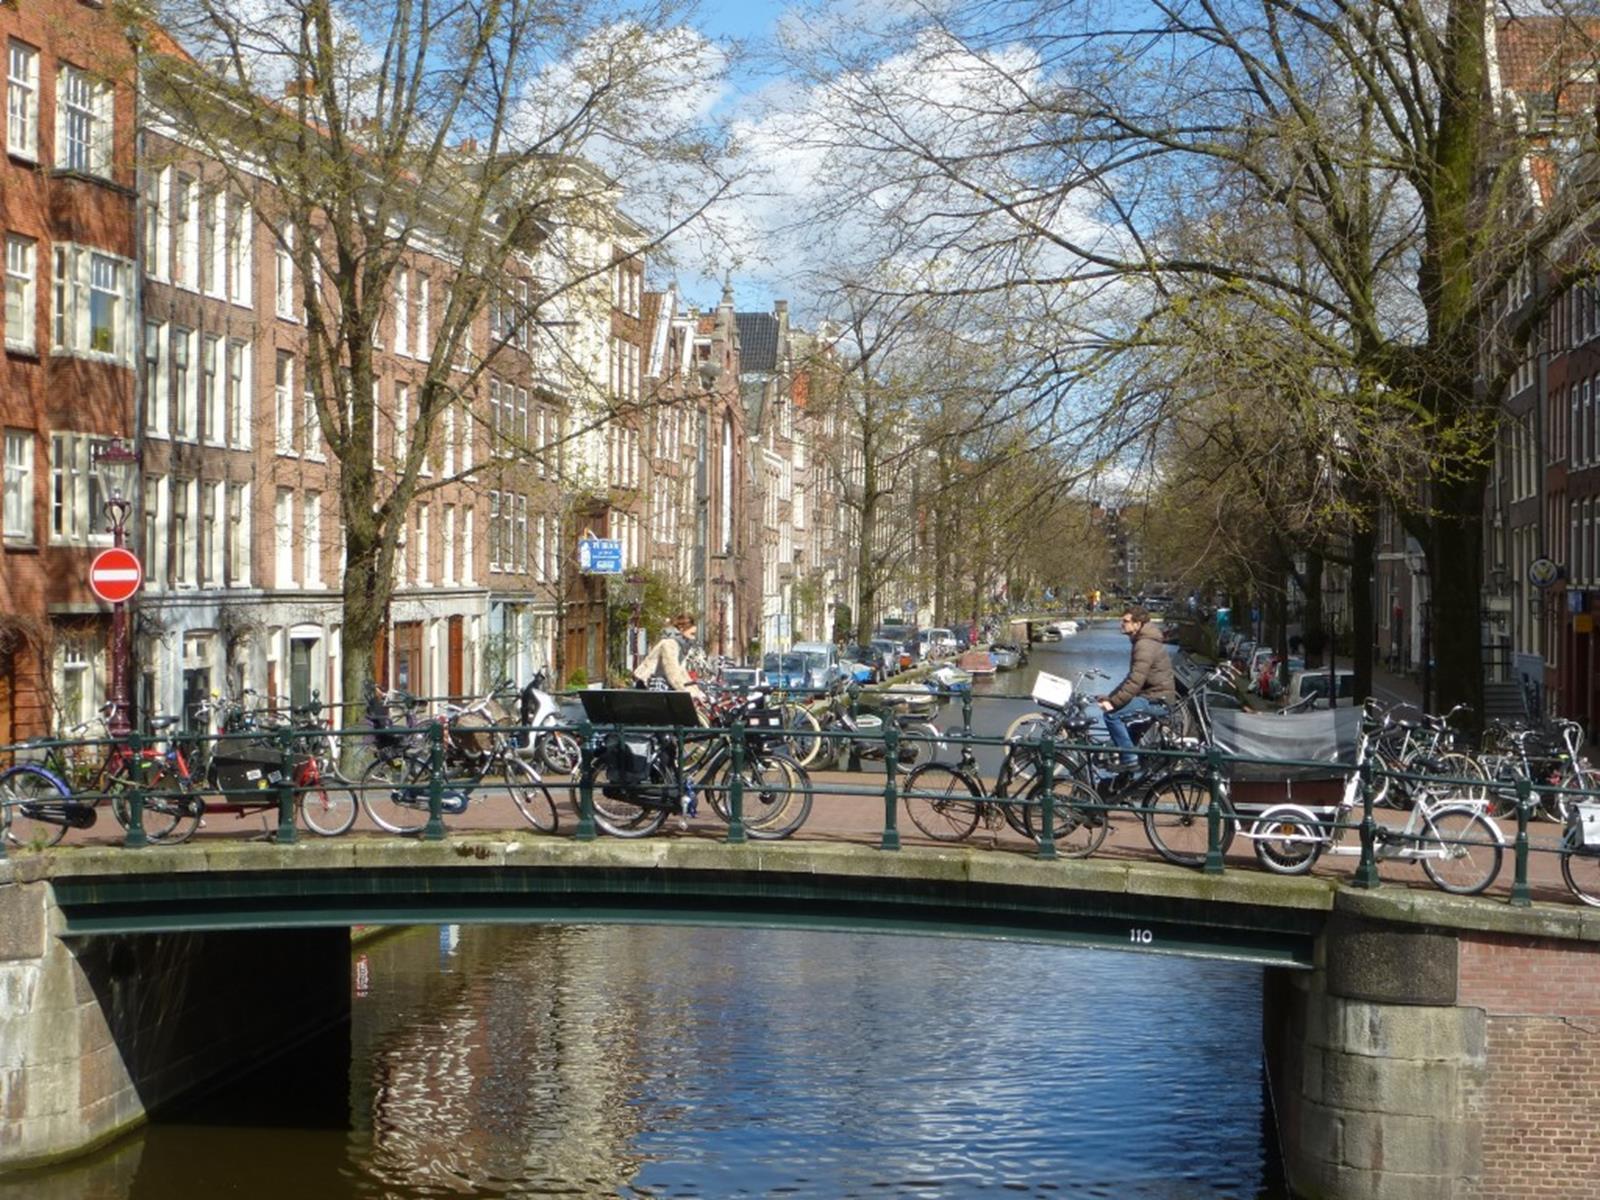 Amsterdam's Jordaan Neighborhood